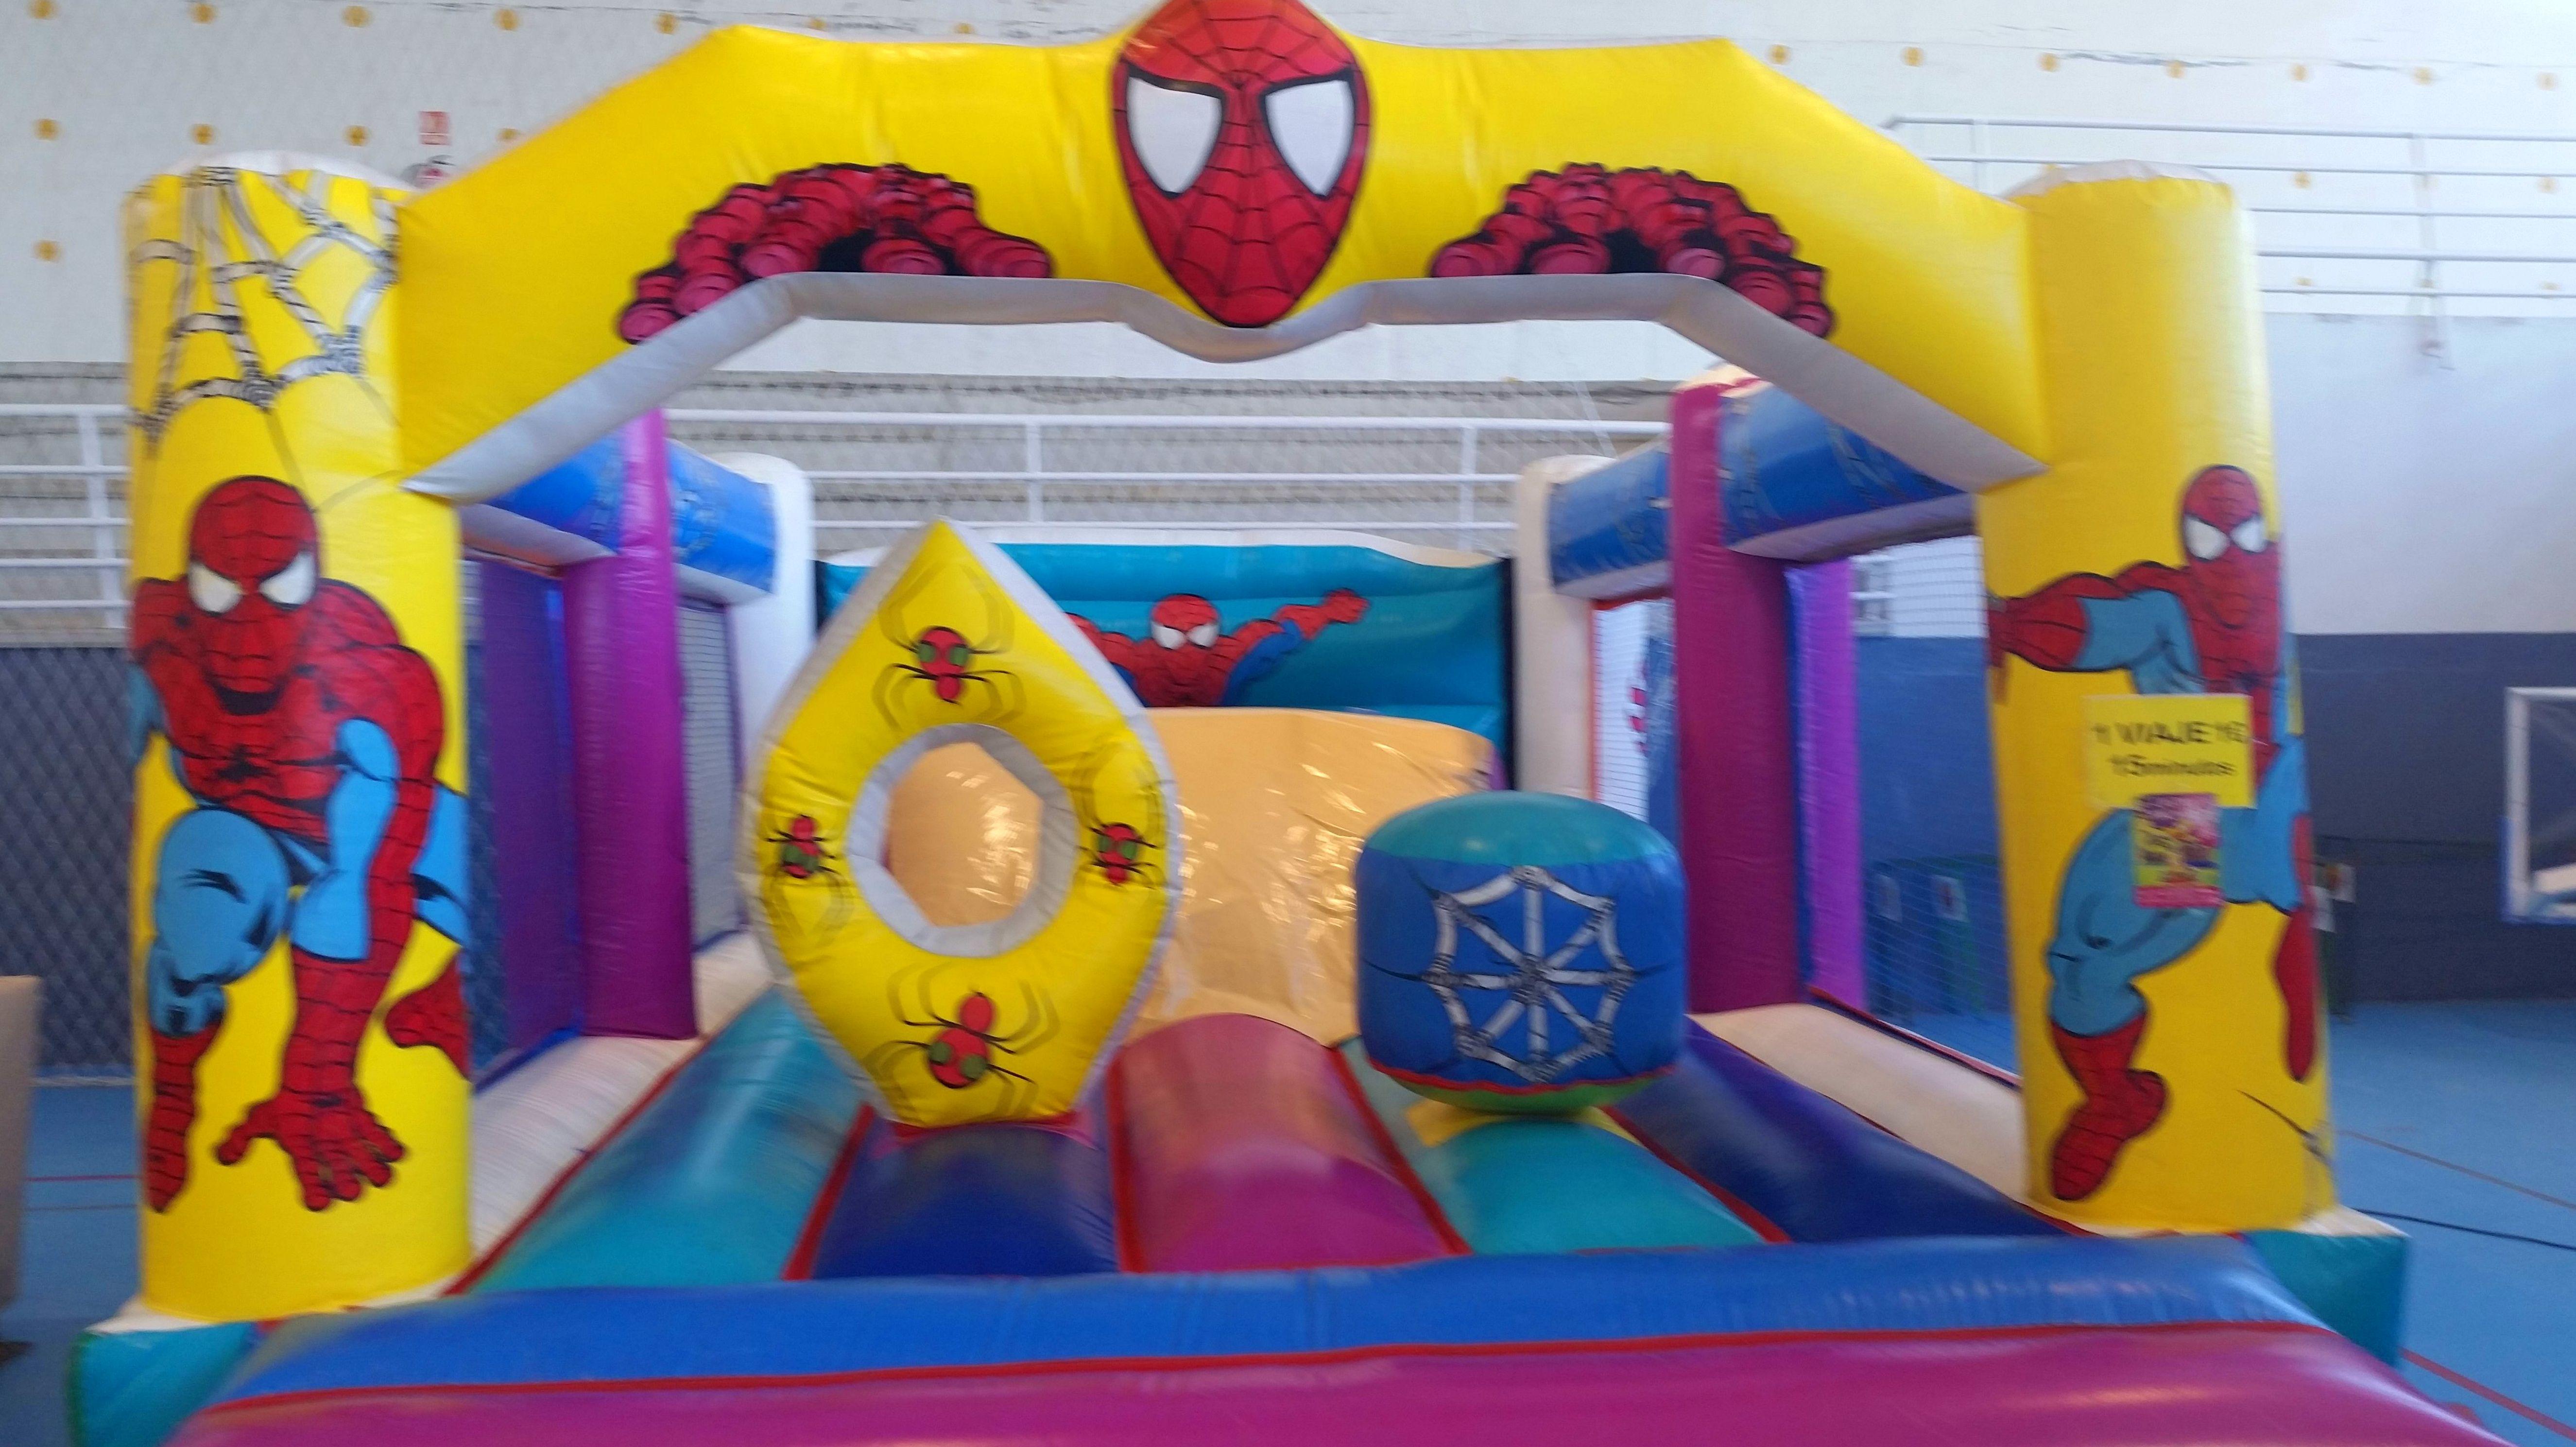 spiderman mediano 5 por 7 m